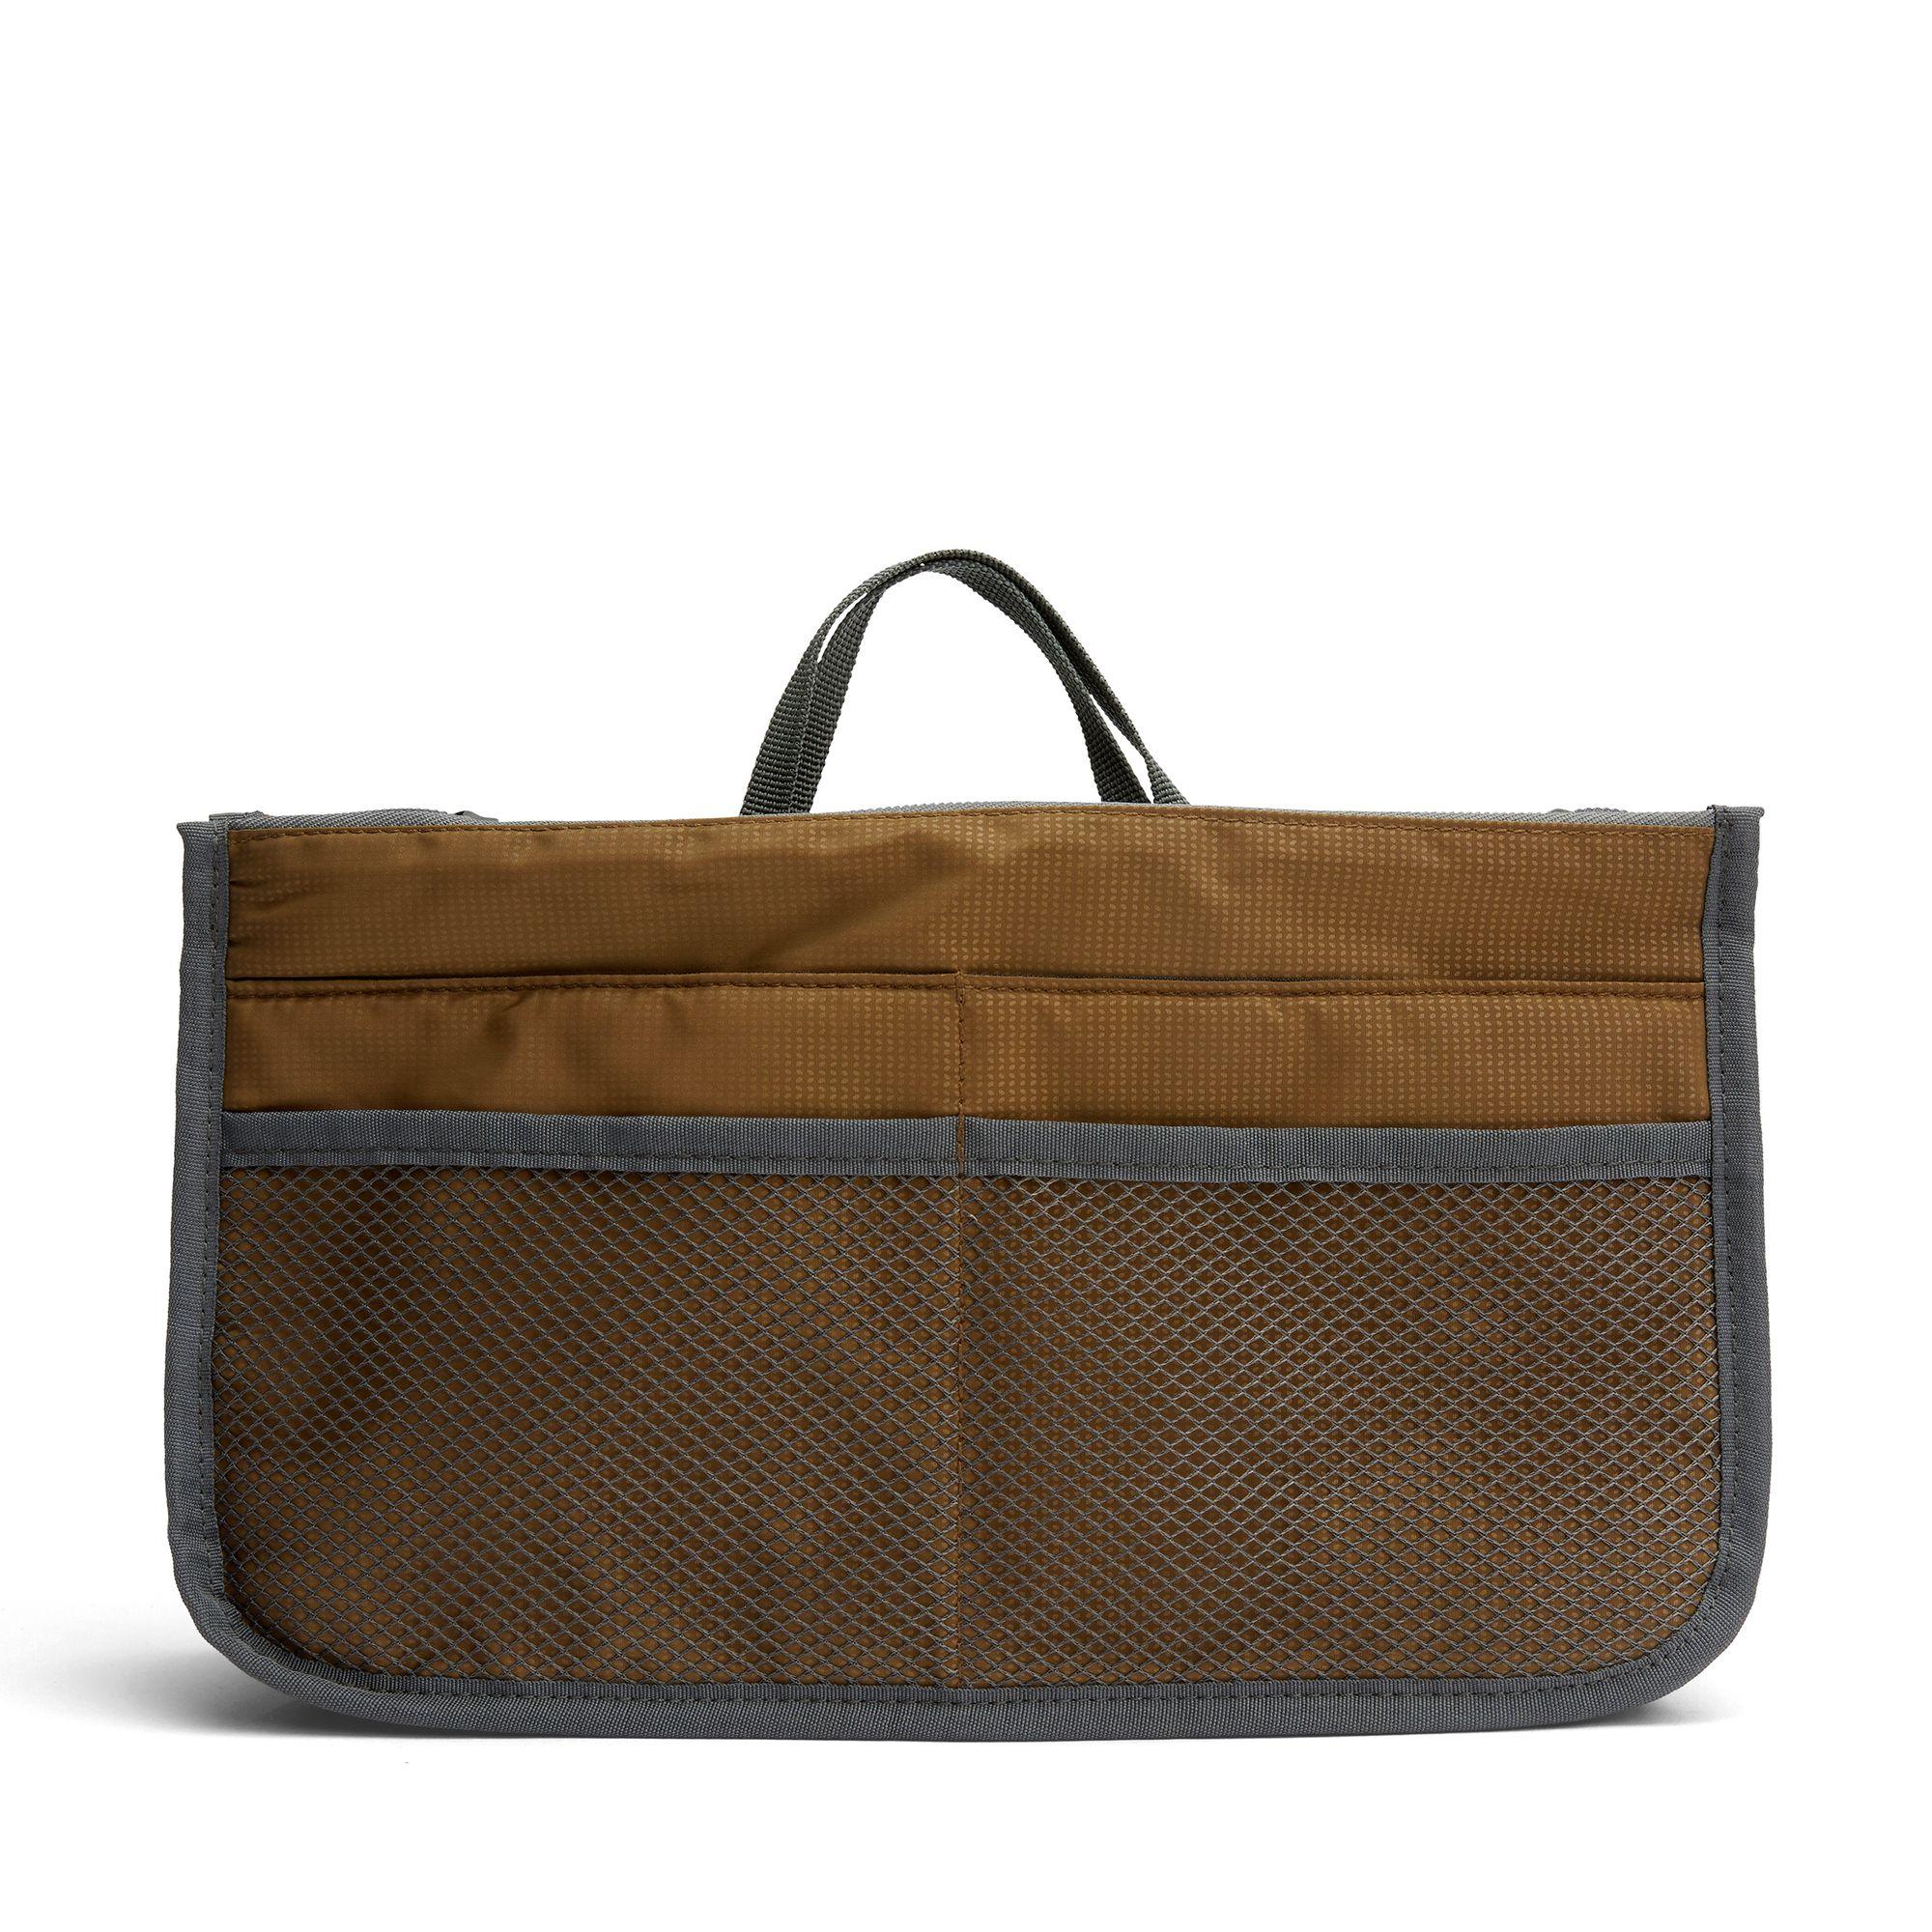 Bilde av A-to-b Bag In Bag Veskeinnsats, Grønn